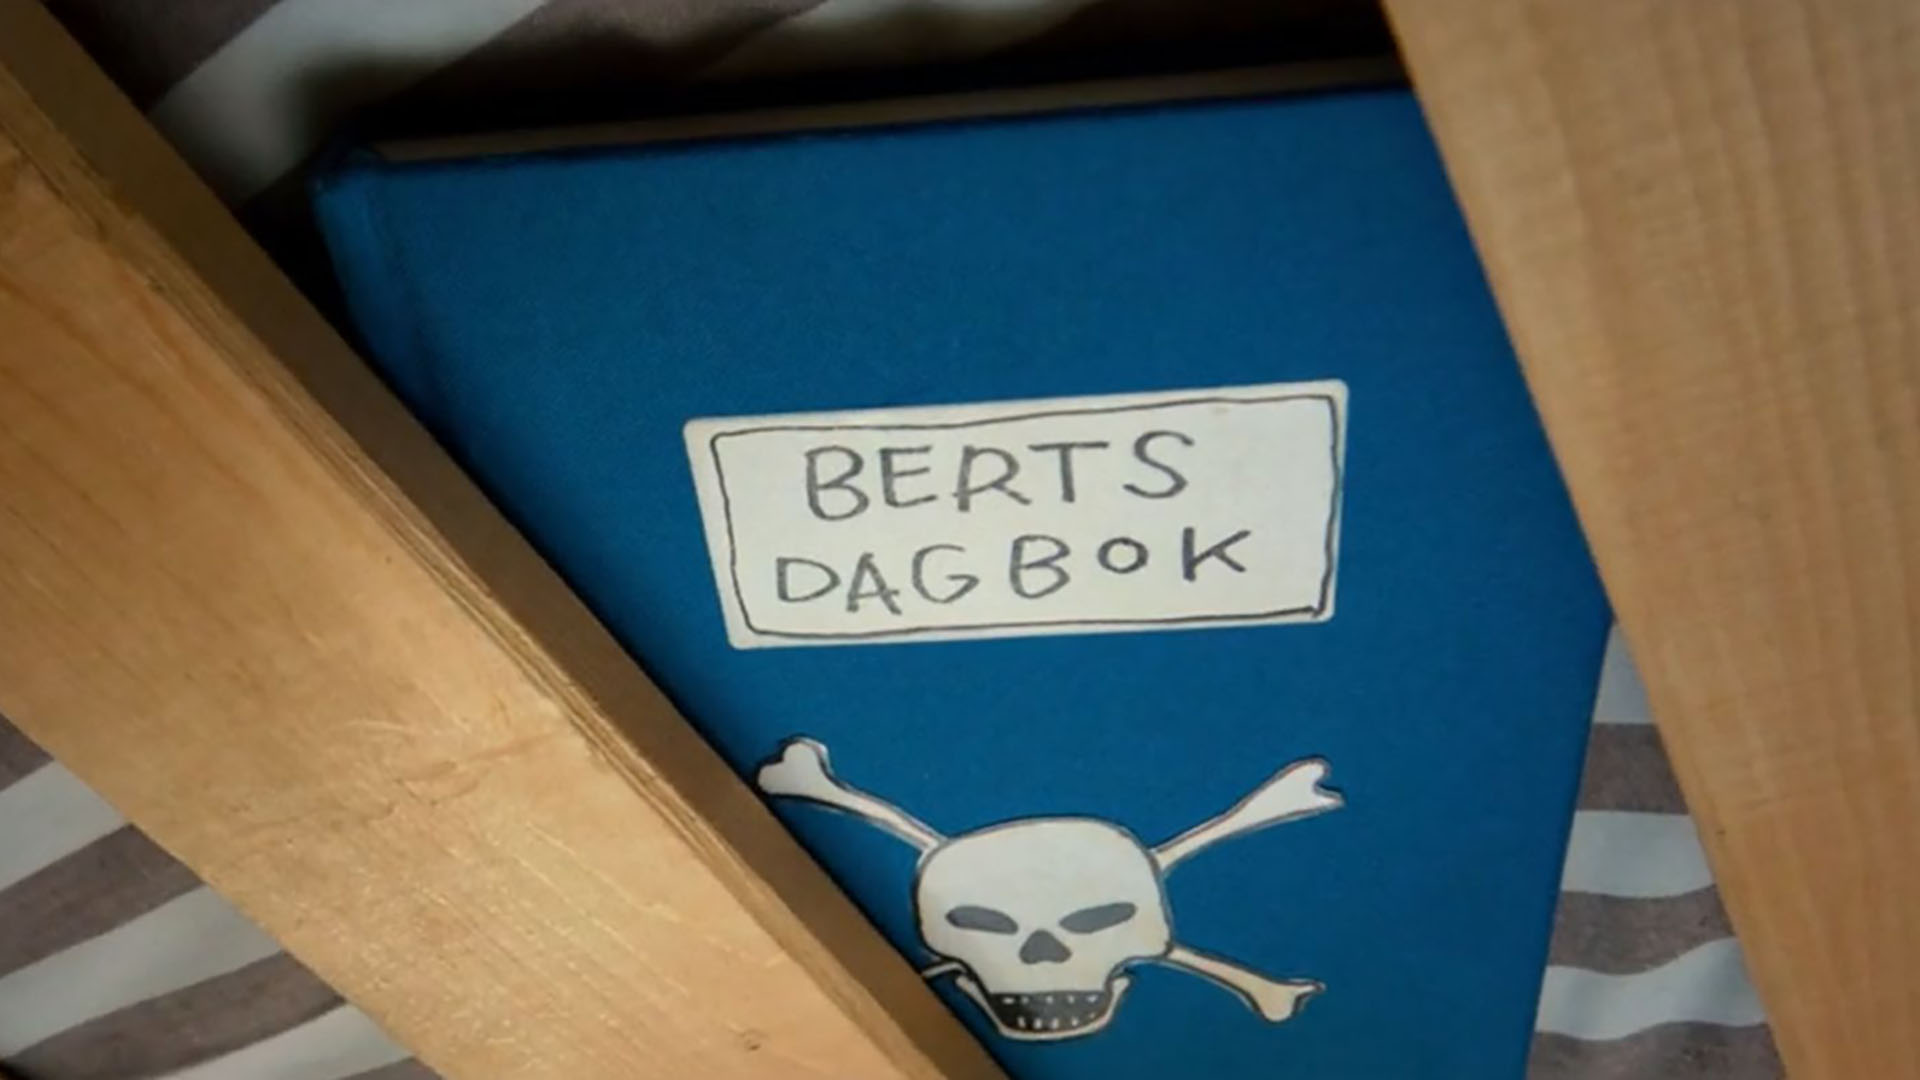 Bert's Diary